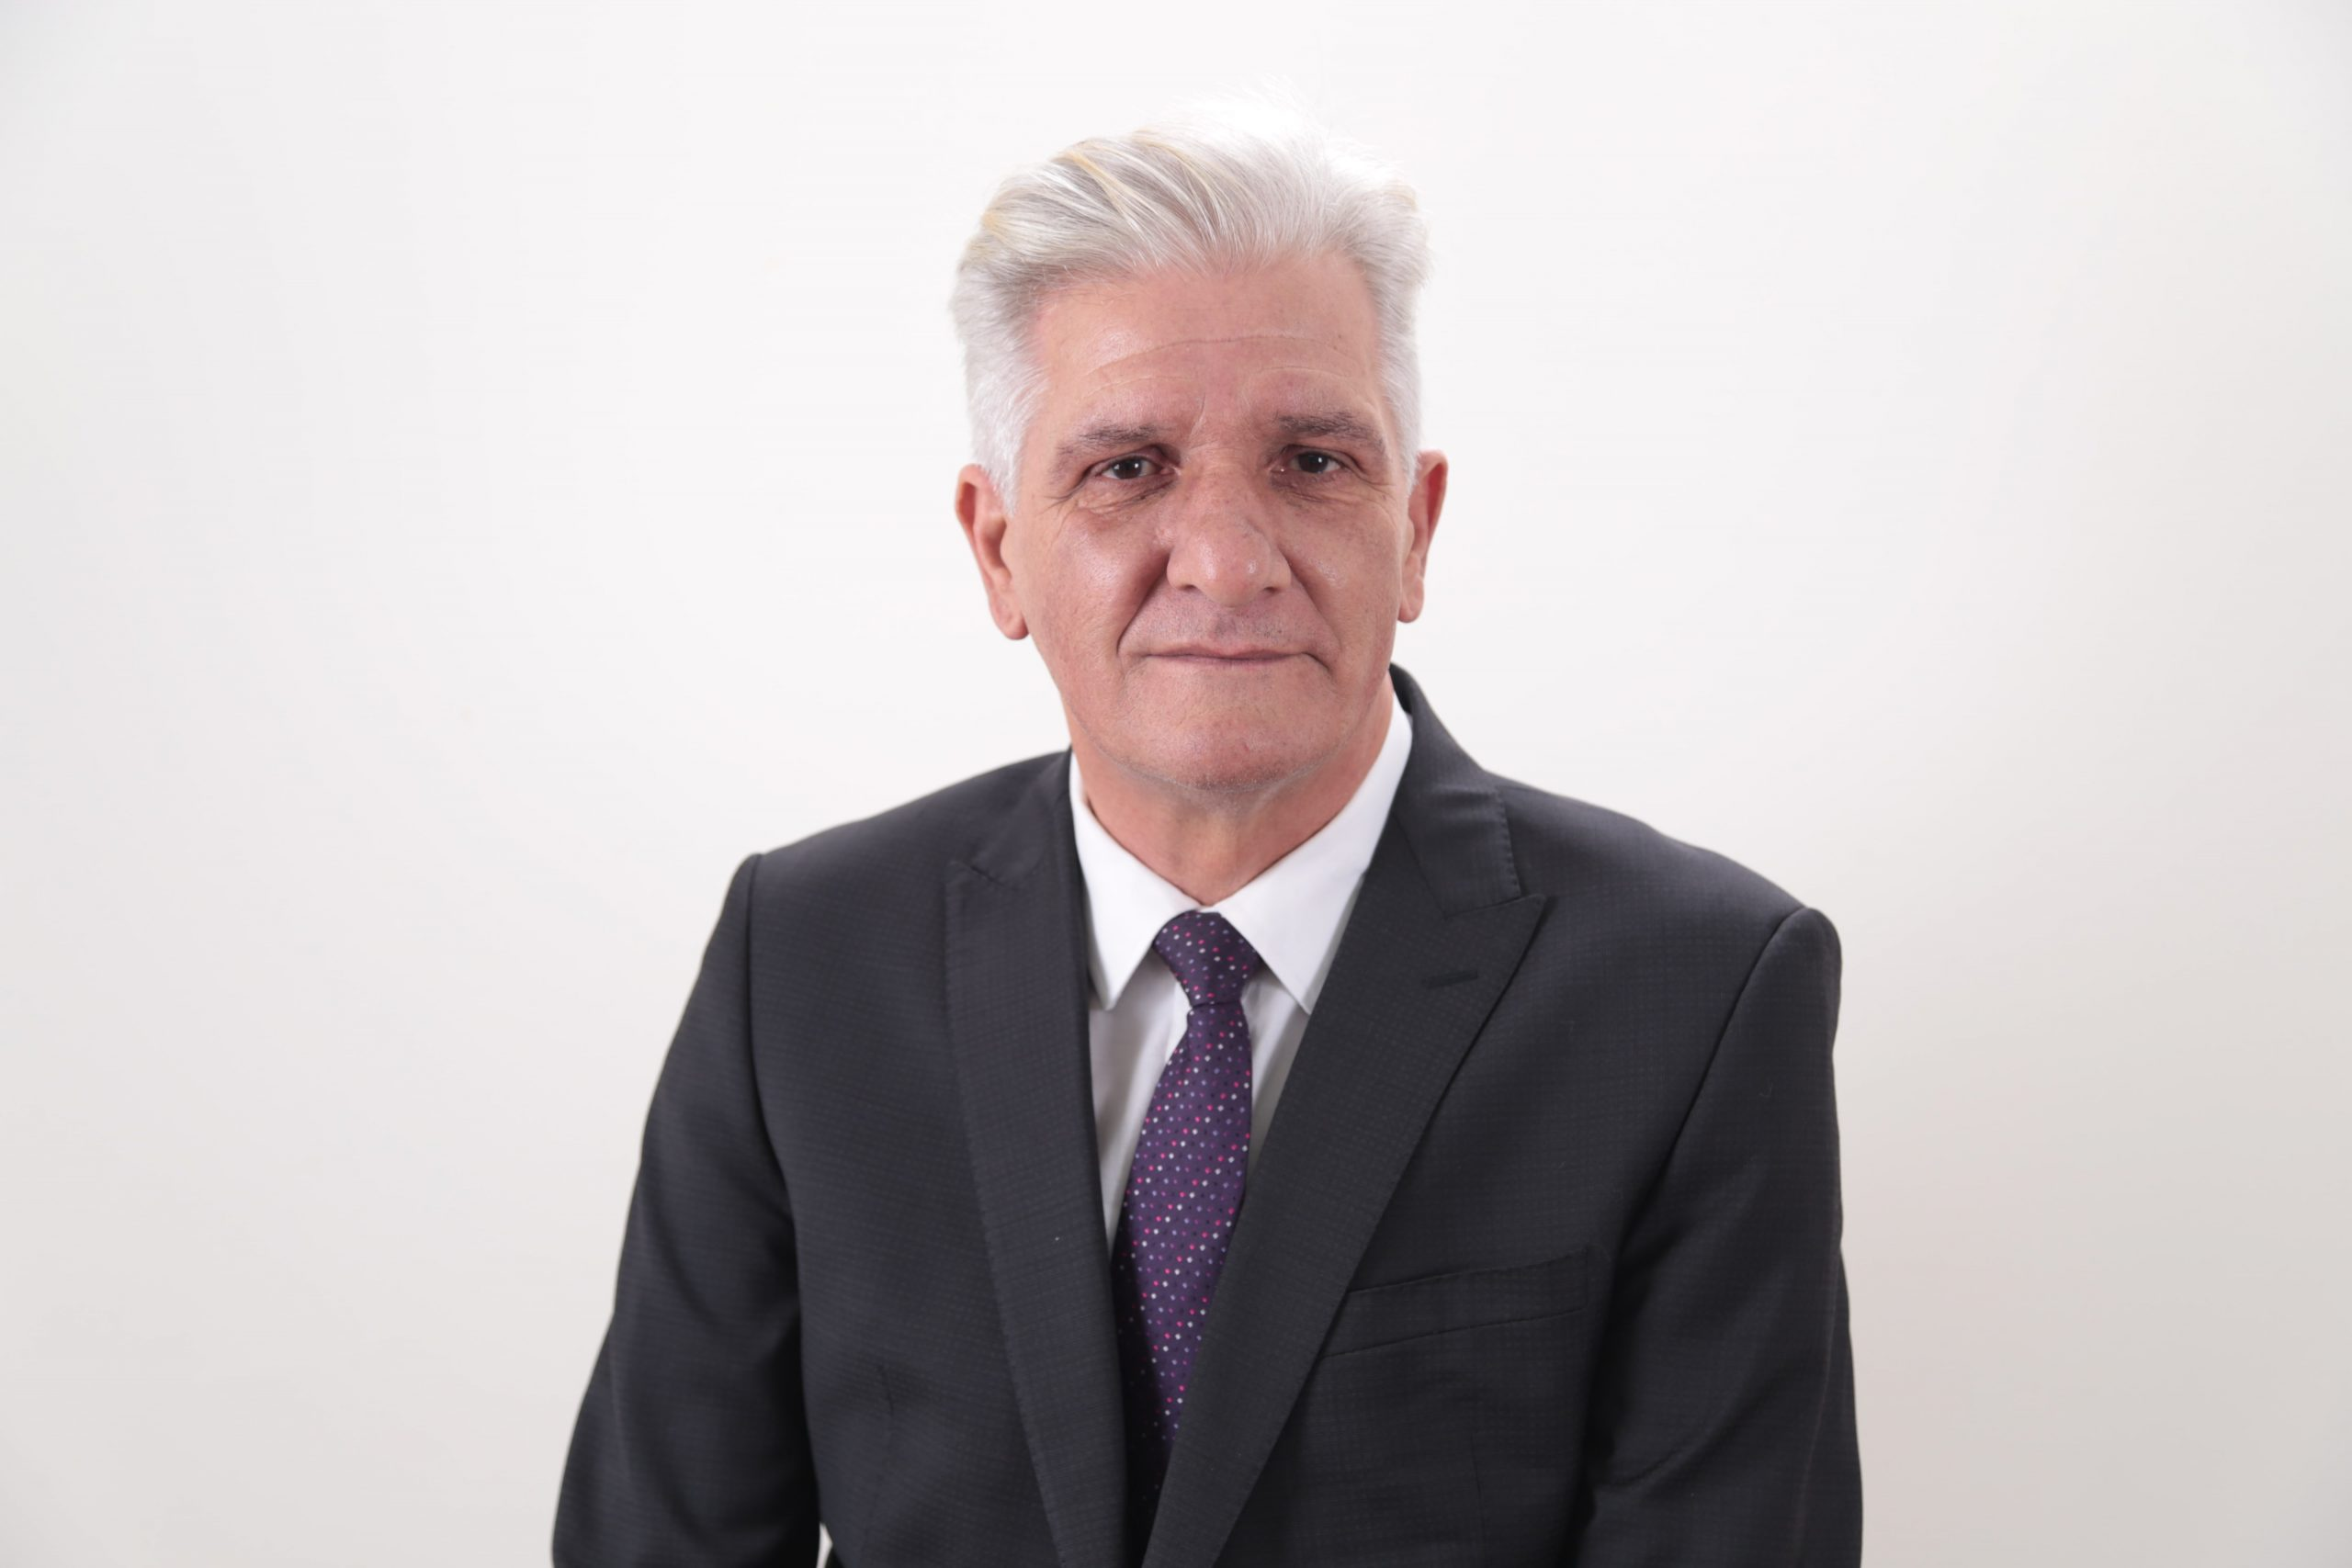 Hashim Rexhepi